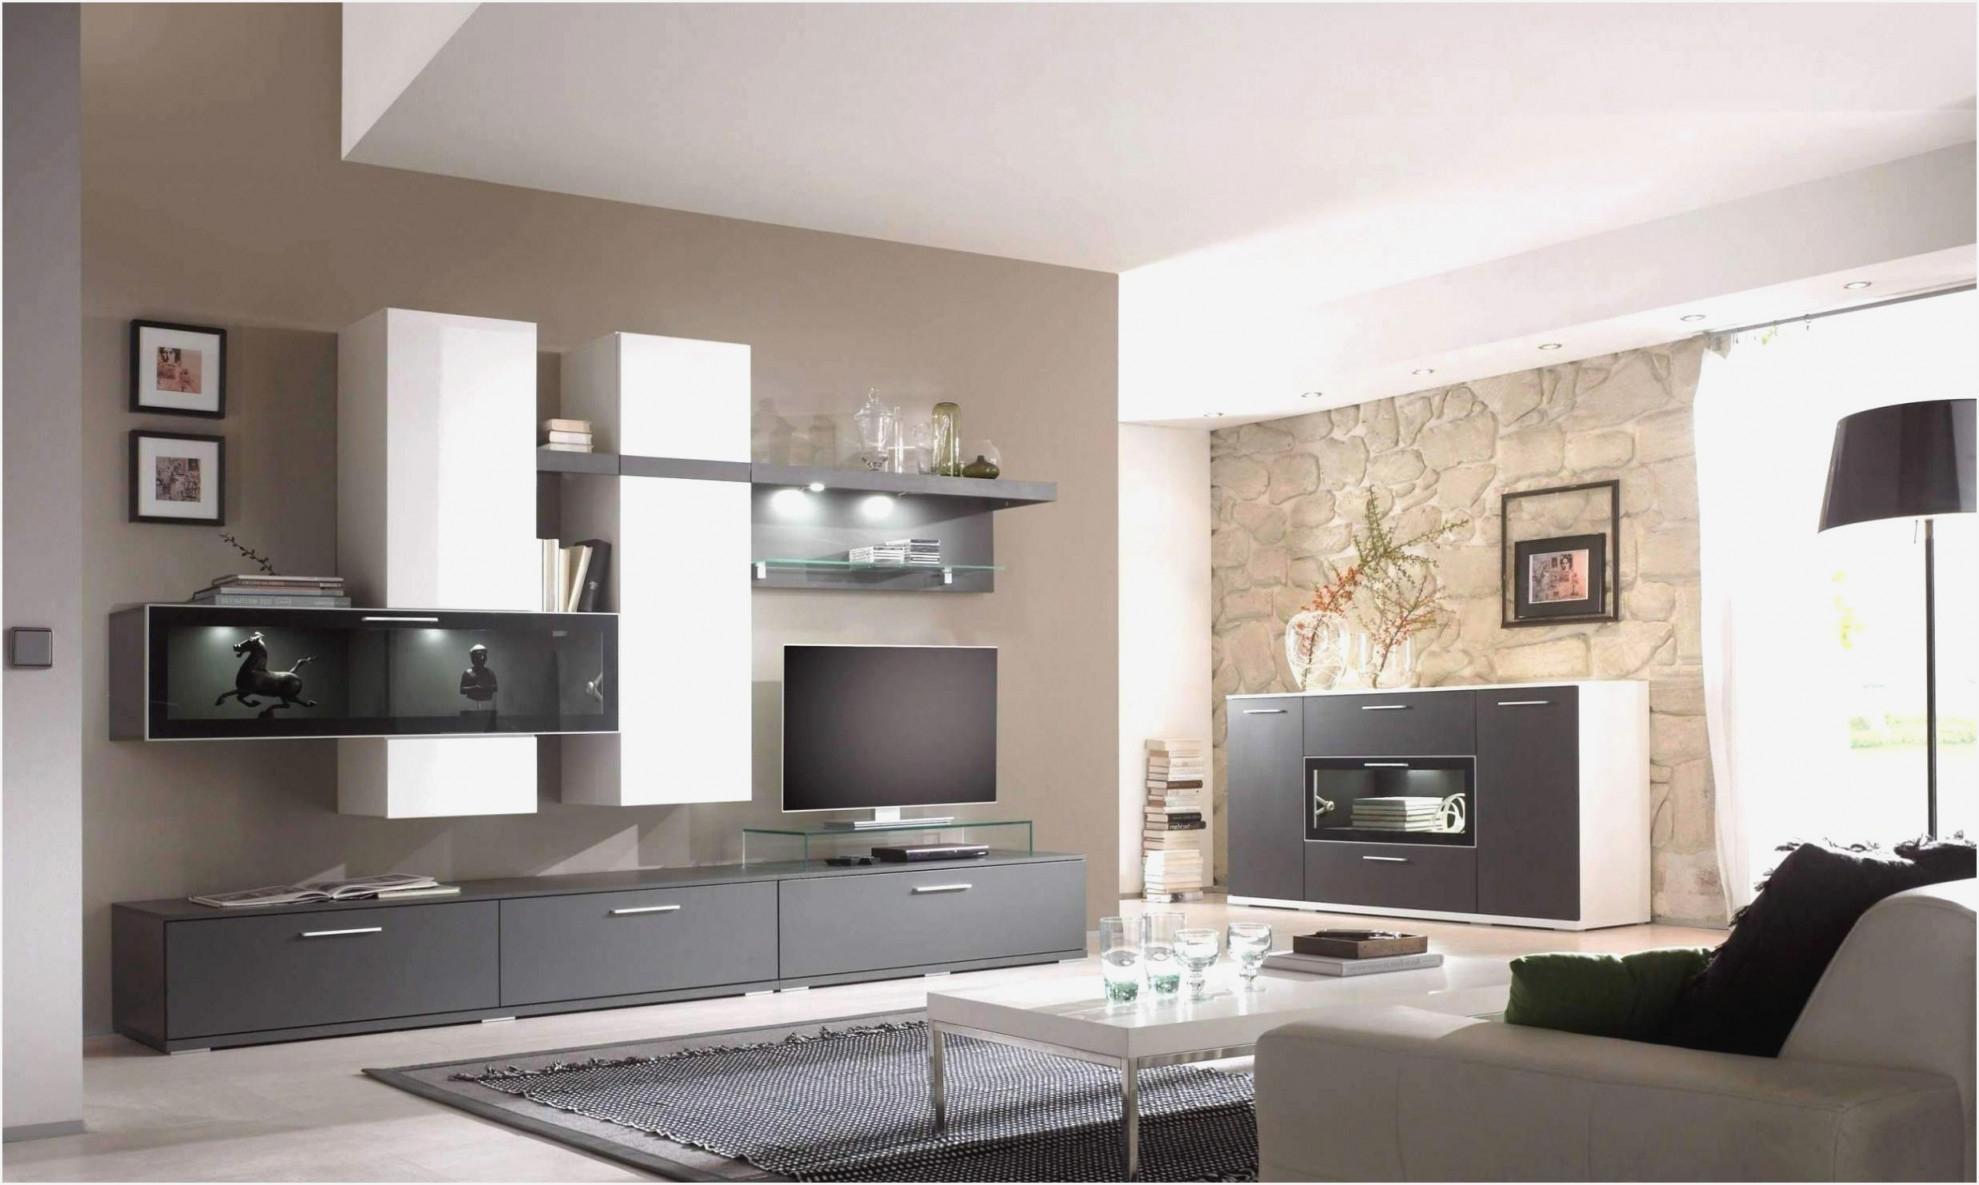 Modern Landhaus Wohnzimmer Einrichten  Wohnzimmer von Wohnzimmer Modern Einrichten Photo